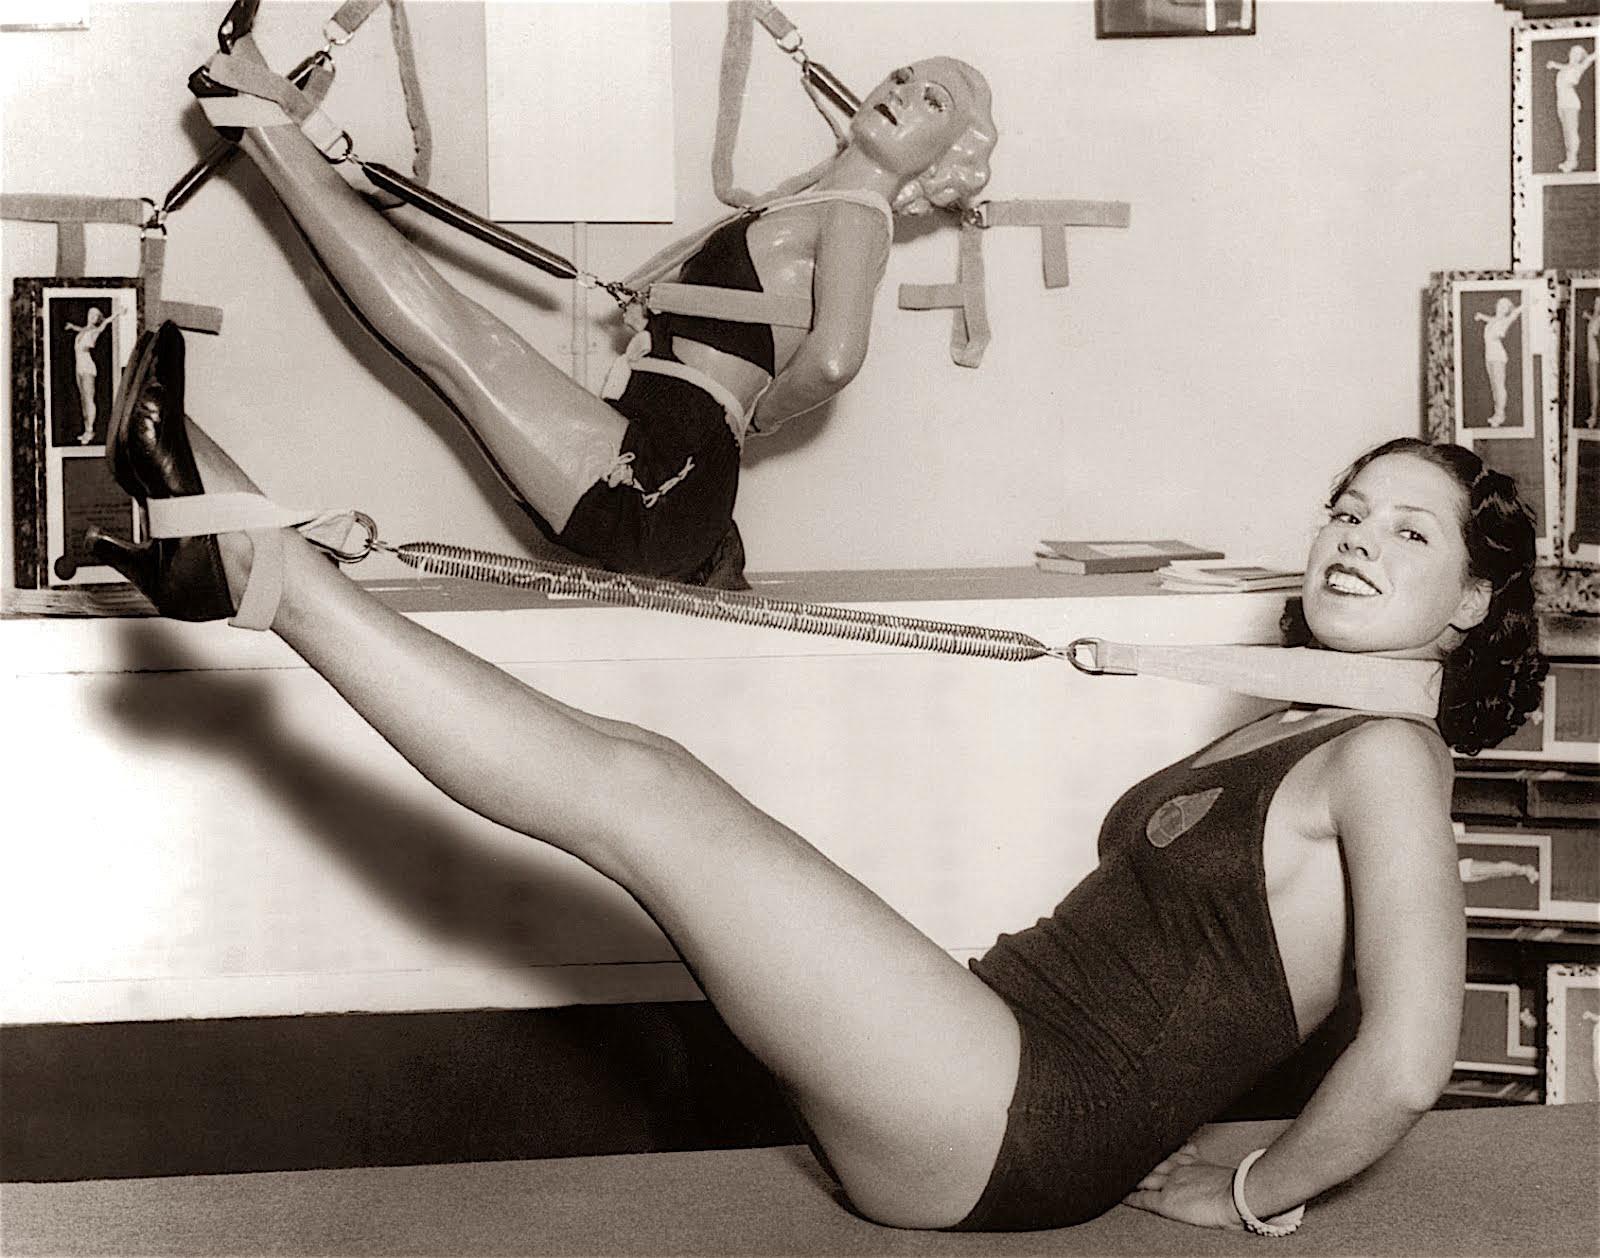 Тренировки в ссср: методики, упражнения и принципы того времени